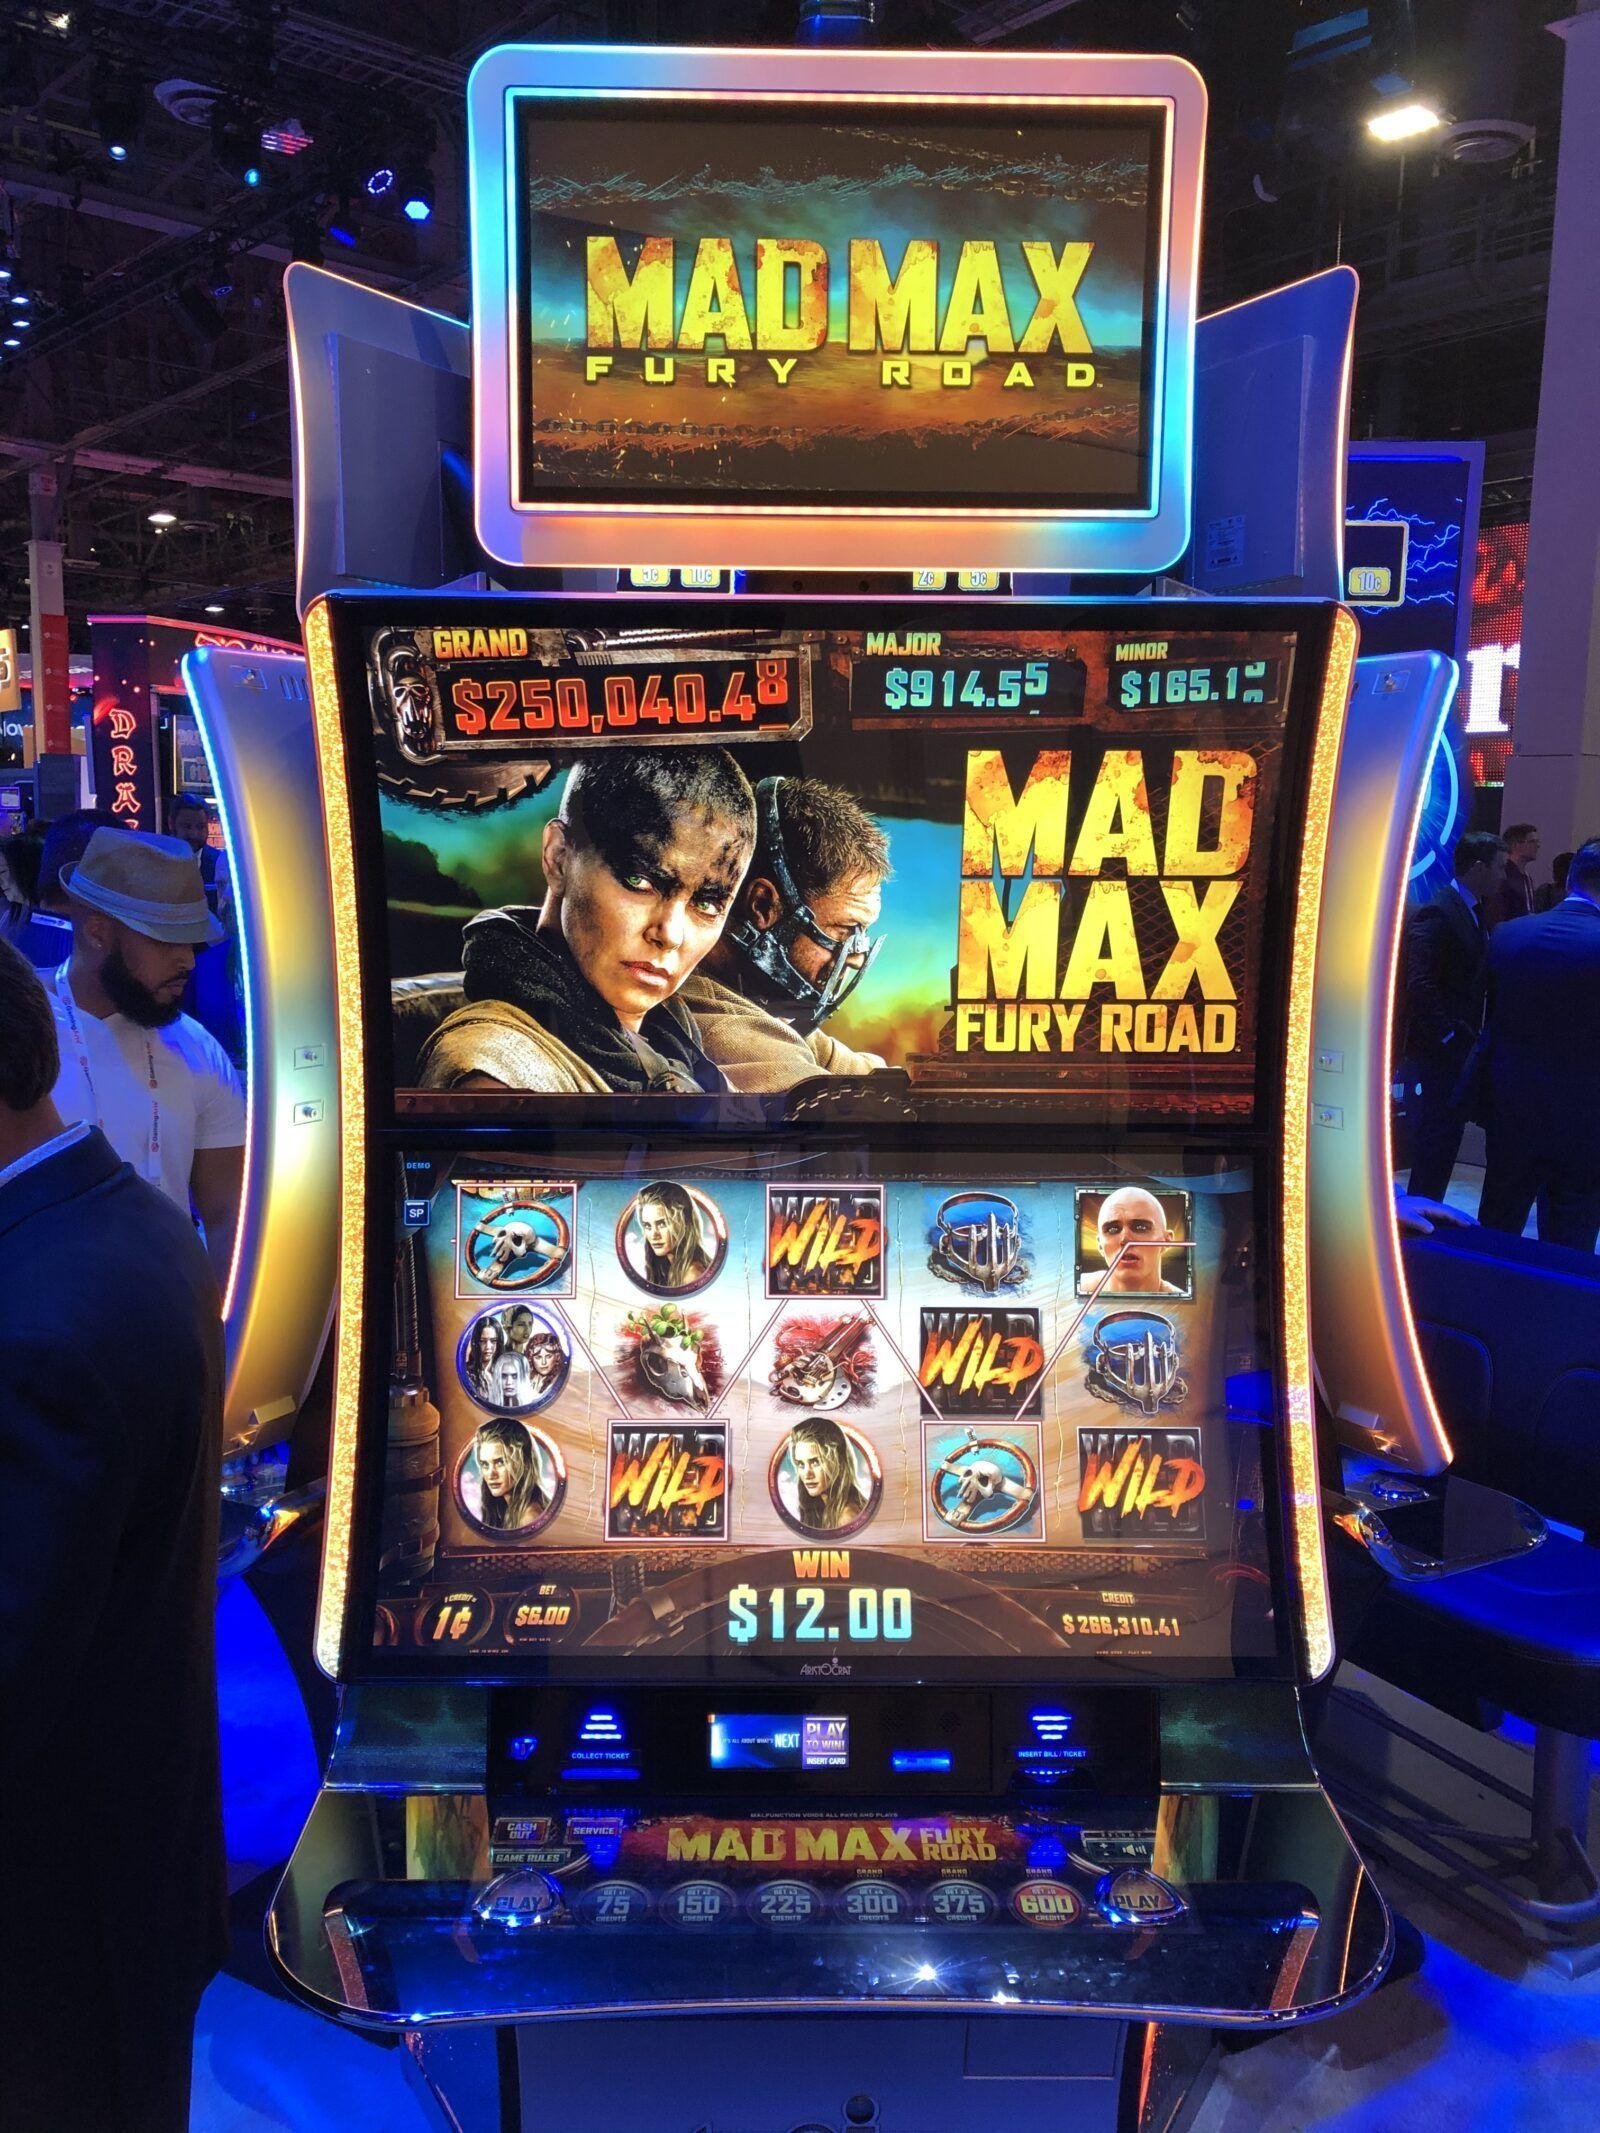 Как играть в макс казино ограбление казино онлайн бесплатно в хорошем качестве